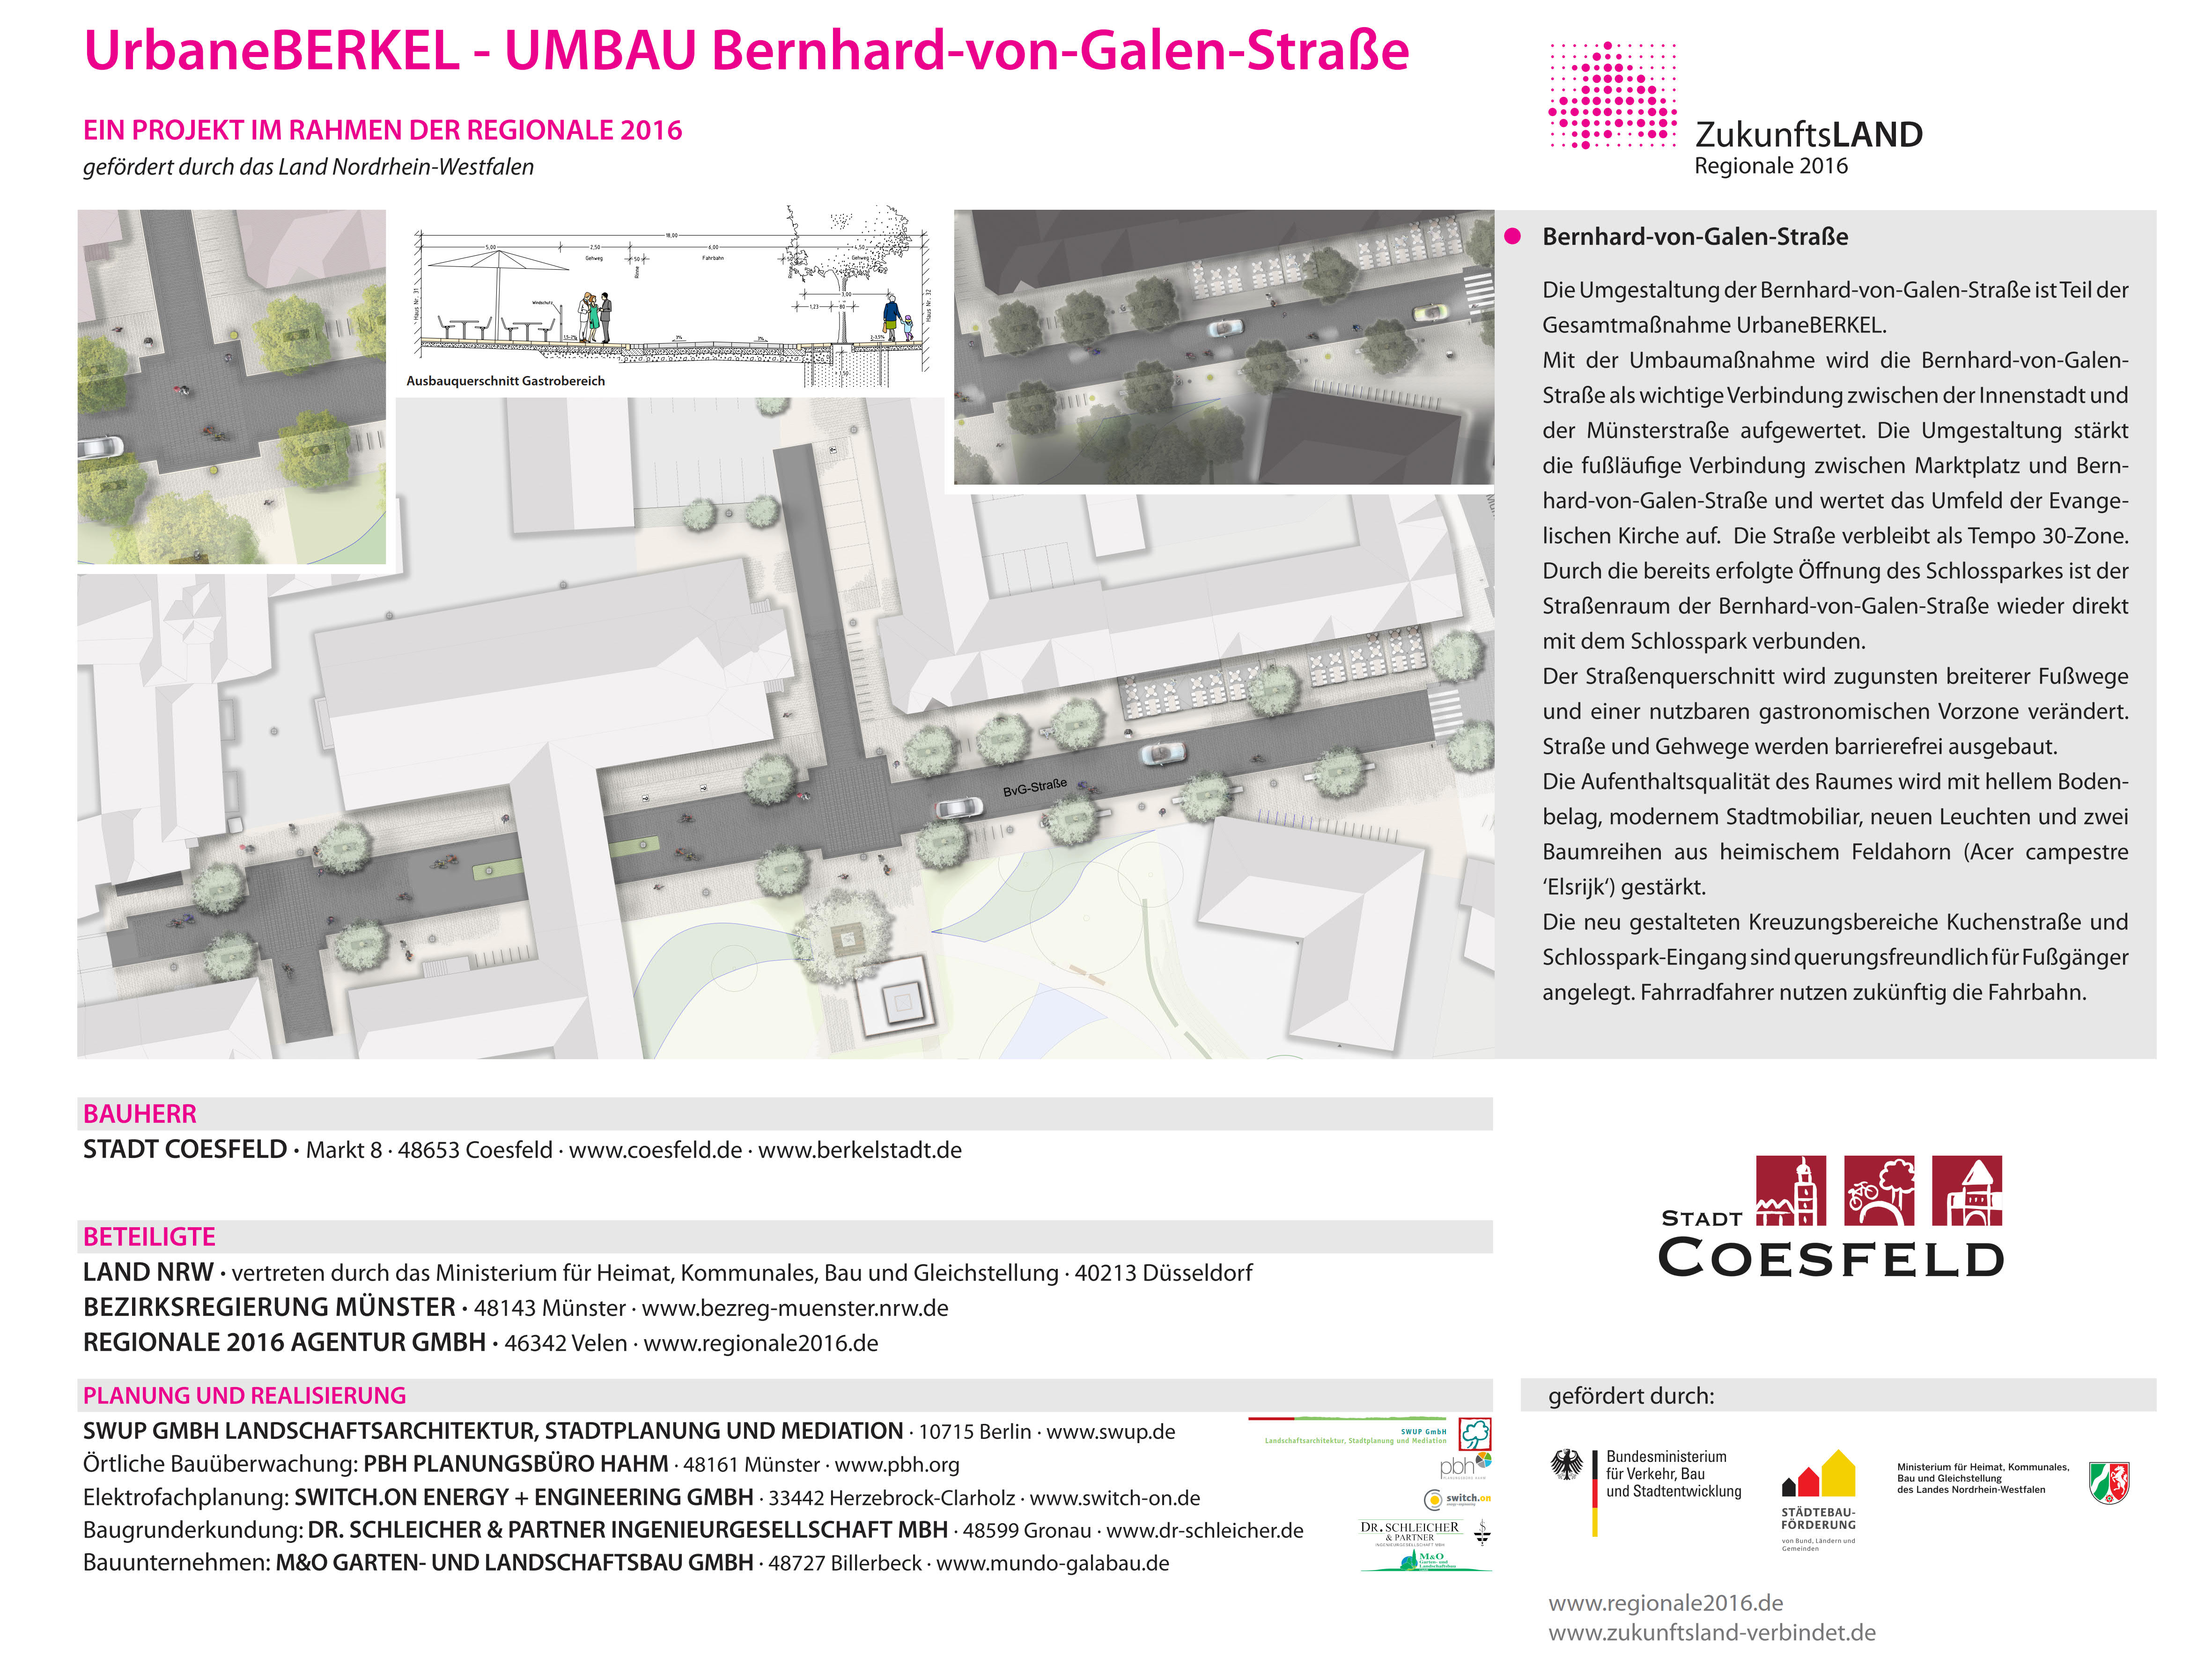 Aktuelles BerkelSTADT Coesfeld - Wirtschaft & Bauen - Stadt Coesfeld